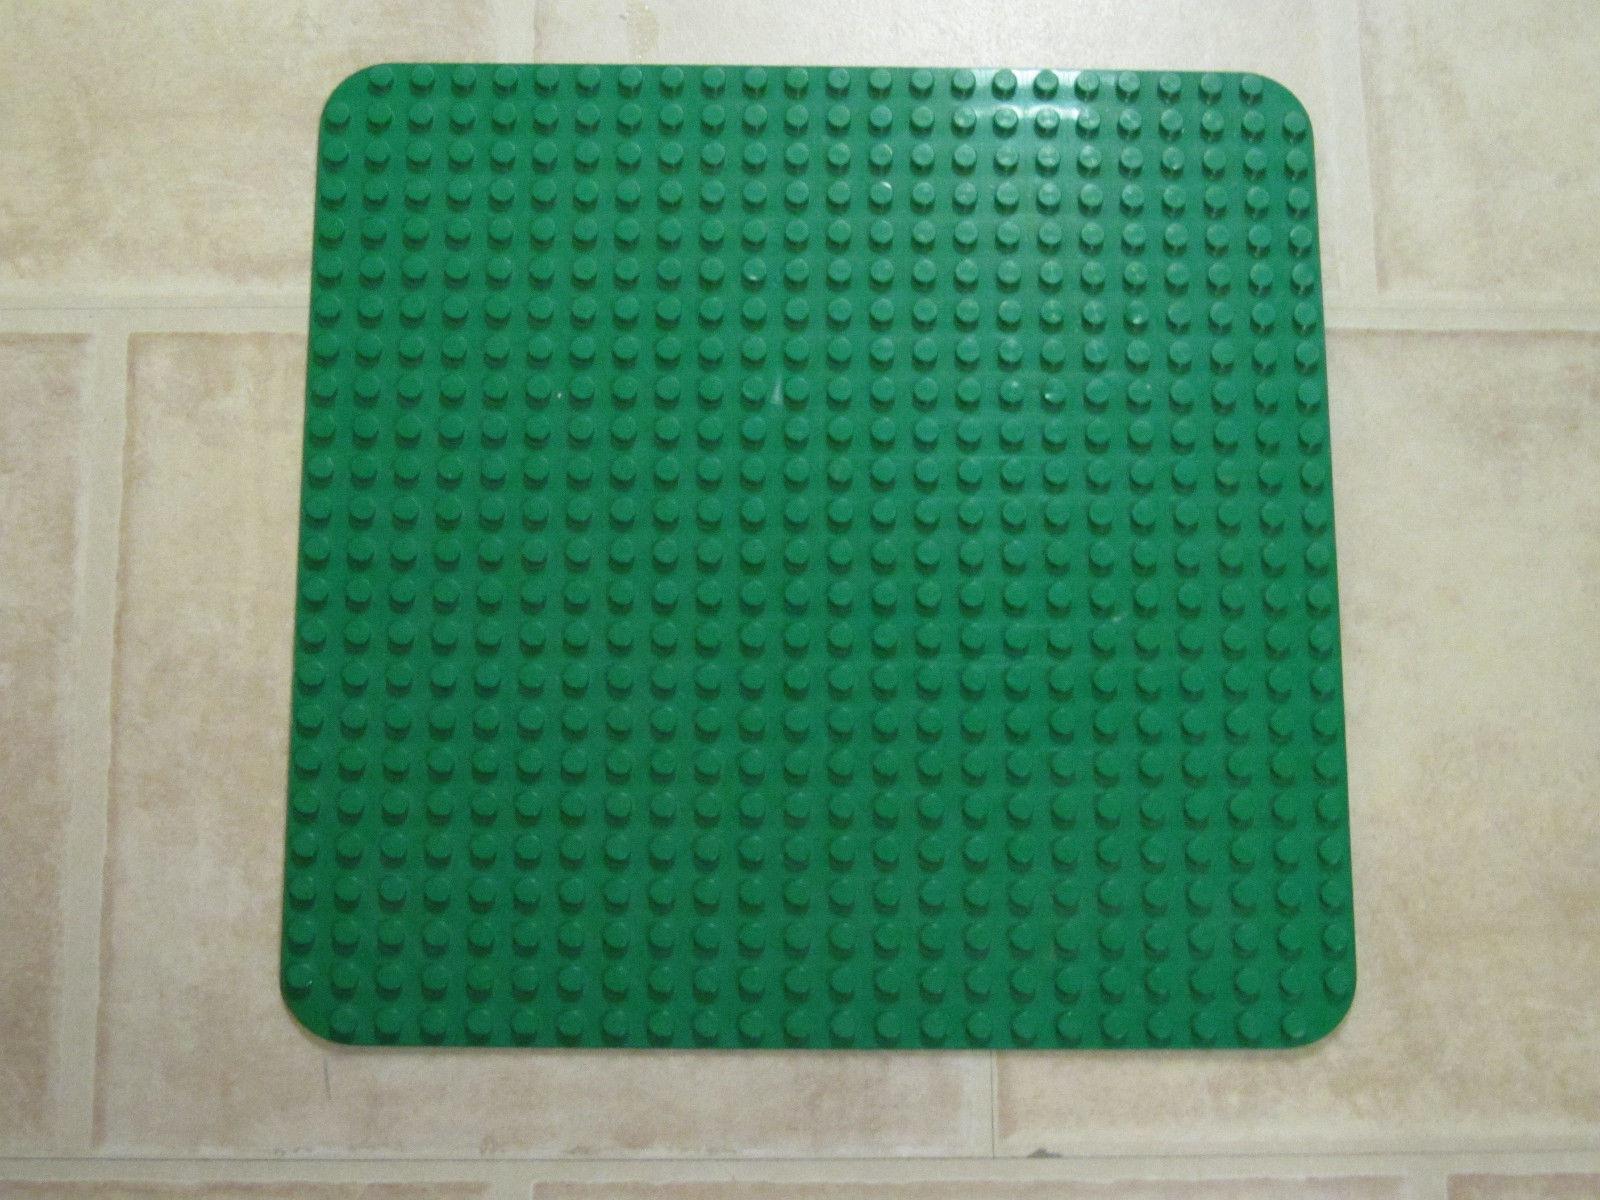 LEGO DUPLO Große Grundplatte Bauplatte Platte 38 x 38 cm Grün